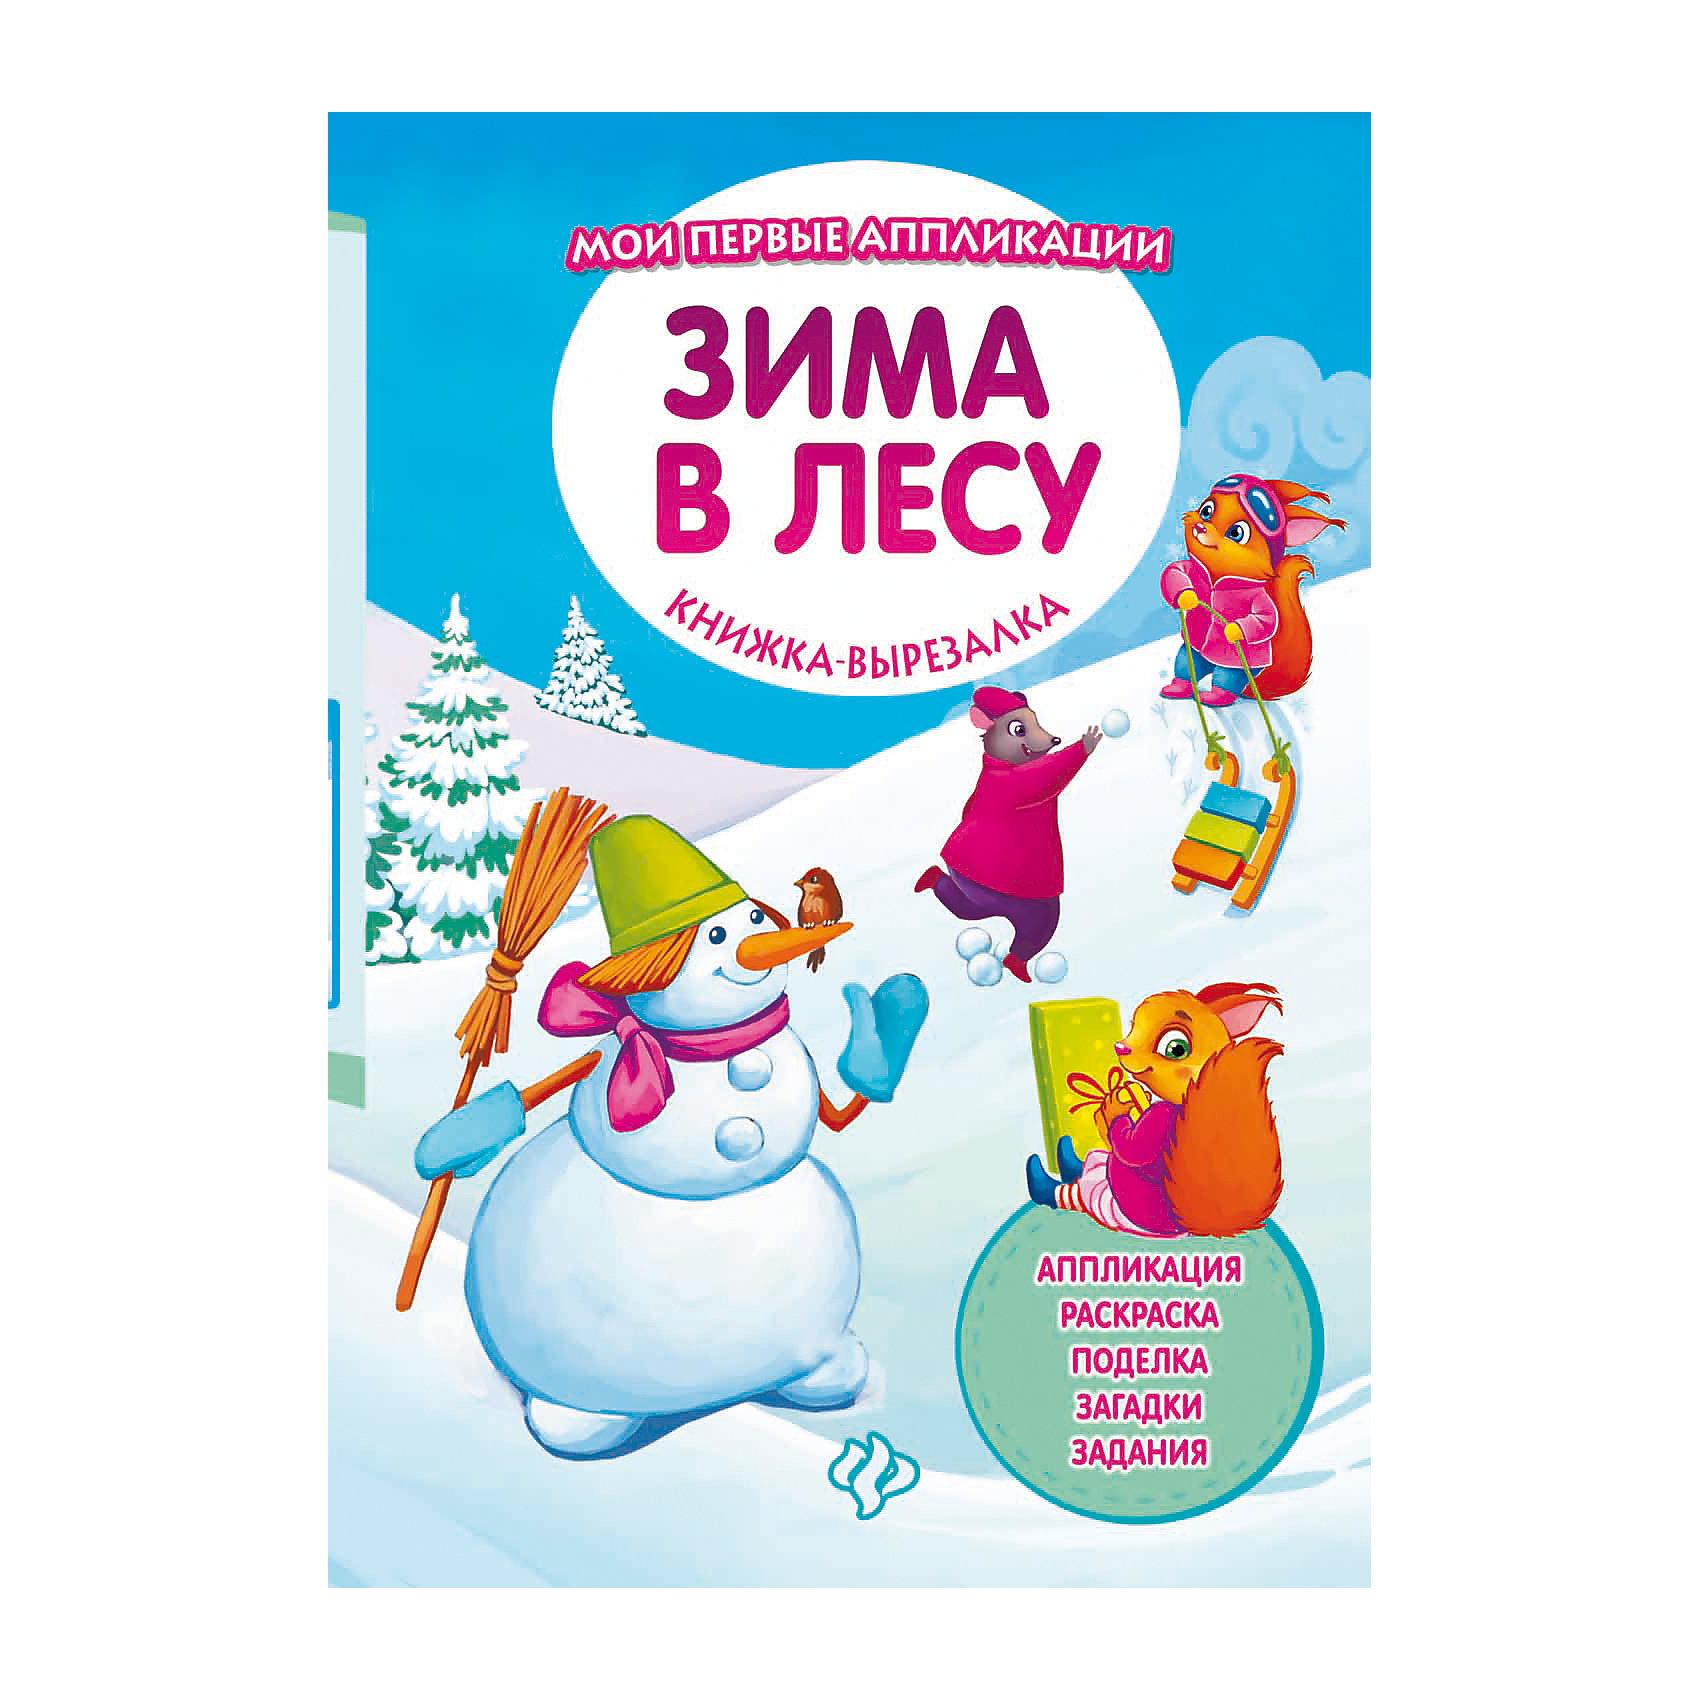 Зима в лесу: книжка-вырезалкаНовогодние книги<br>Отличный способ создать новогоднее настроение - заняться творчеством. В книге есть всё, что нужно для создания аппликации: фон и десятки элементов, которые можно вырезать и собрать в уникальную композицию. <br>Такой вид досуга способствует развитию мелкой<br><br>Ширина мм: 240<br>Глубина мм: 165<br>Высота мм: 1<br>Вес г: 30<br>Возраст от месяцев: 12<br>Возраст до месяцев: 72<br>Пол: Унисекс<br>Возраст: Детский<br>SKU: 5120159